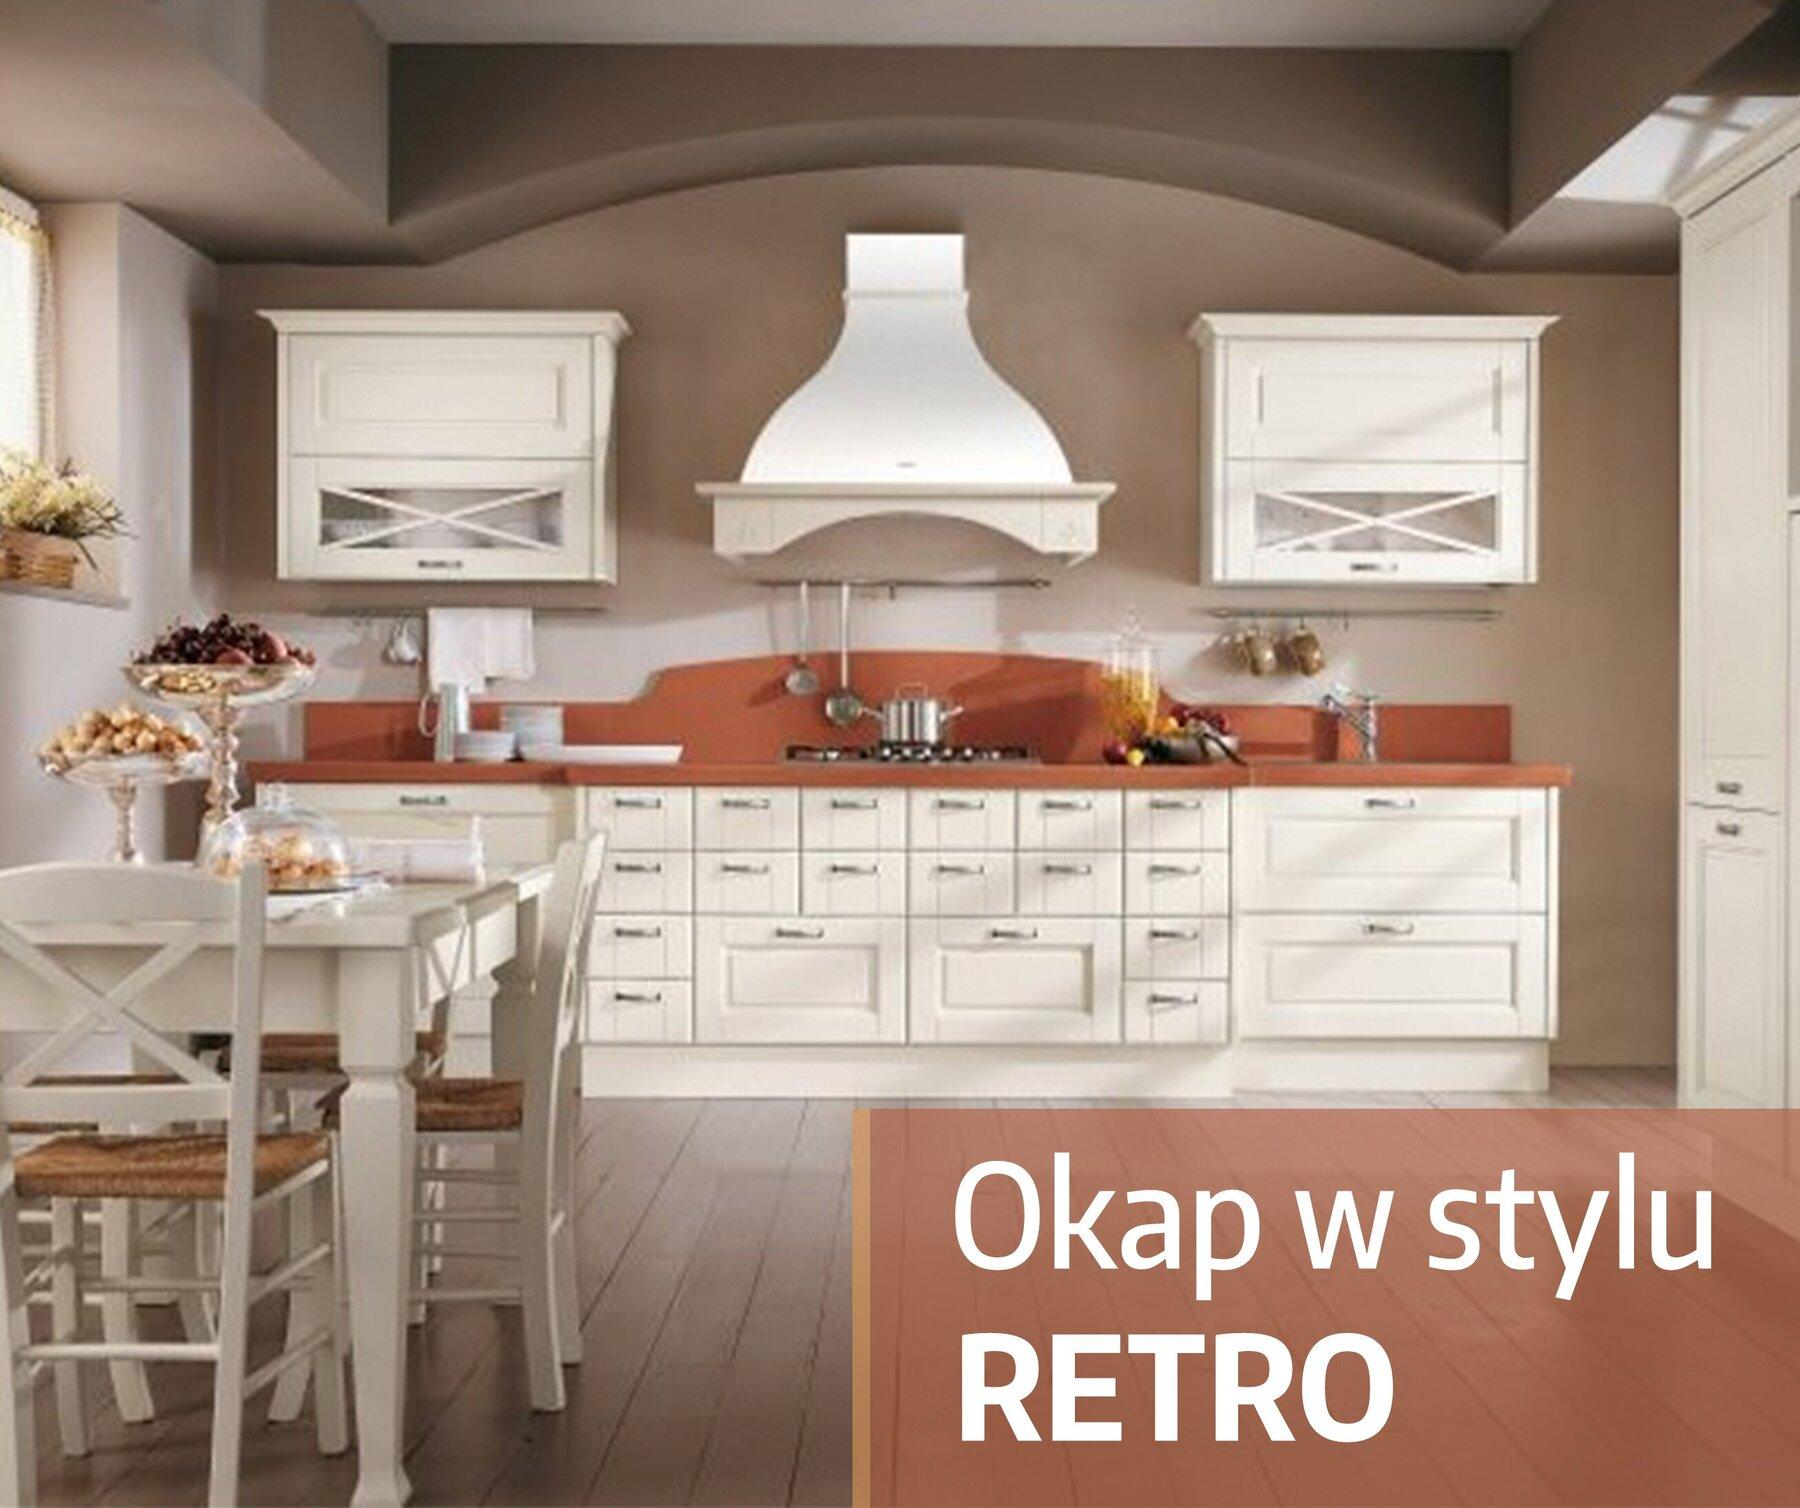 Okap retro